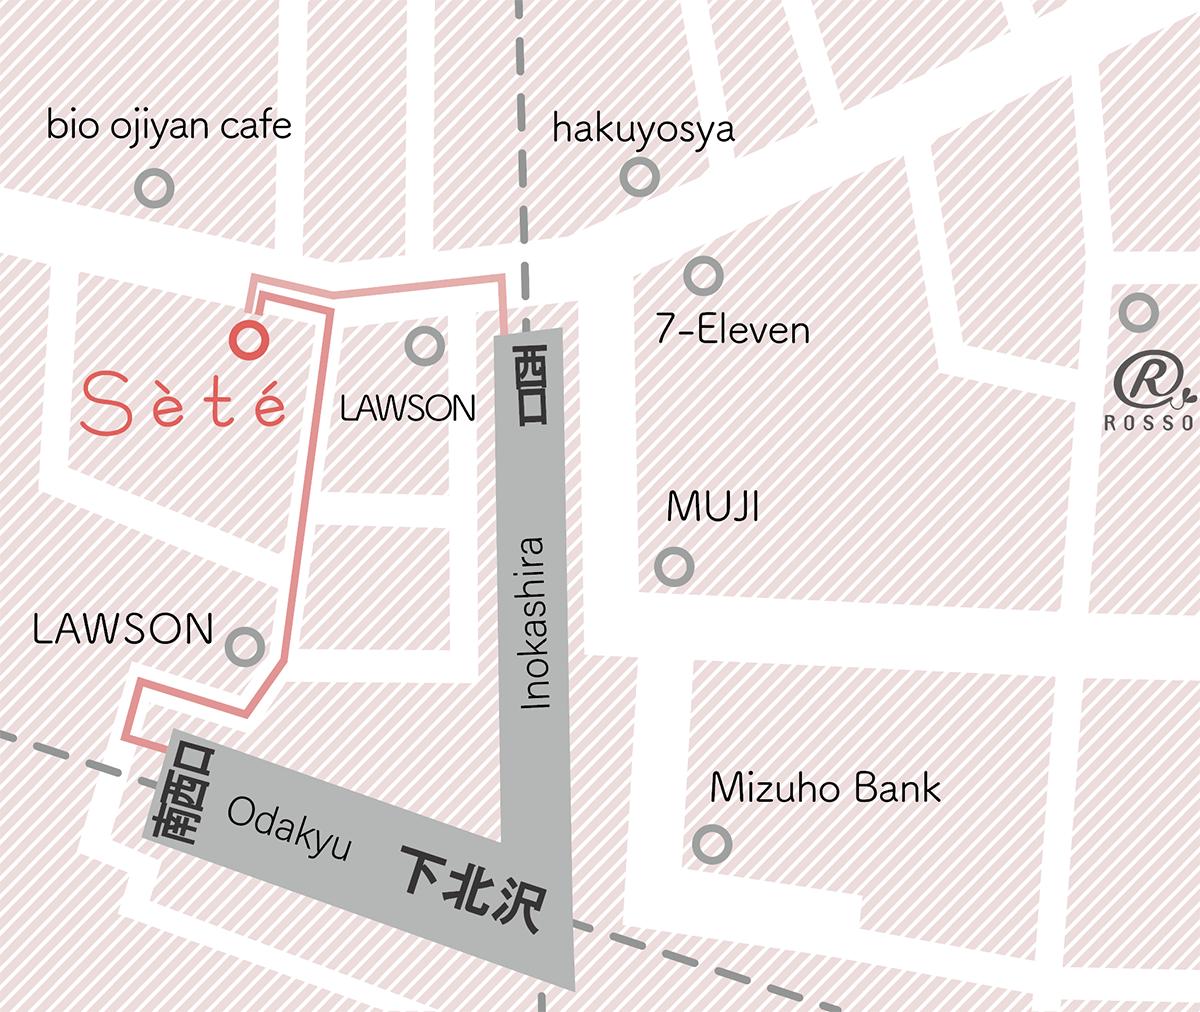 下北沢駅から美容室セットへのマップ